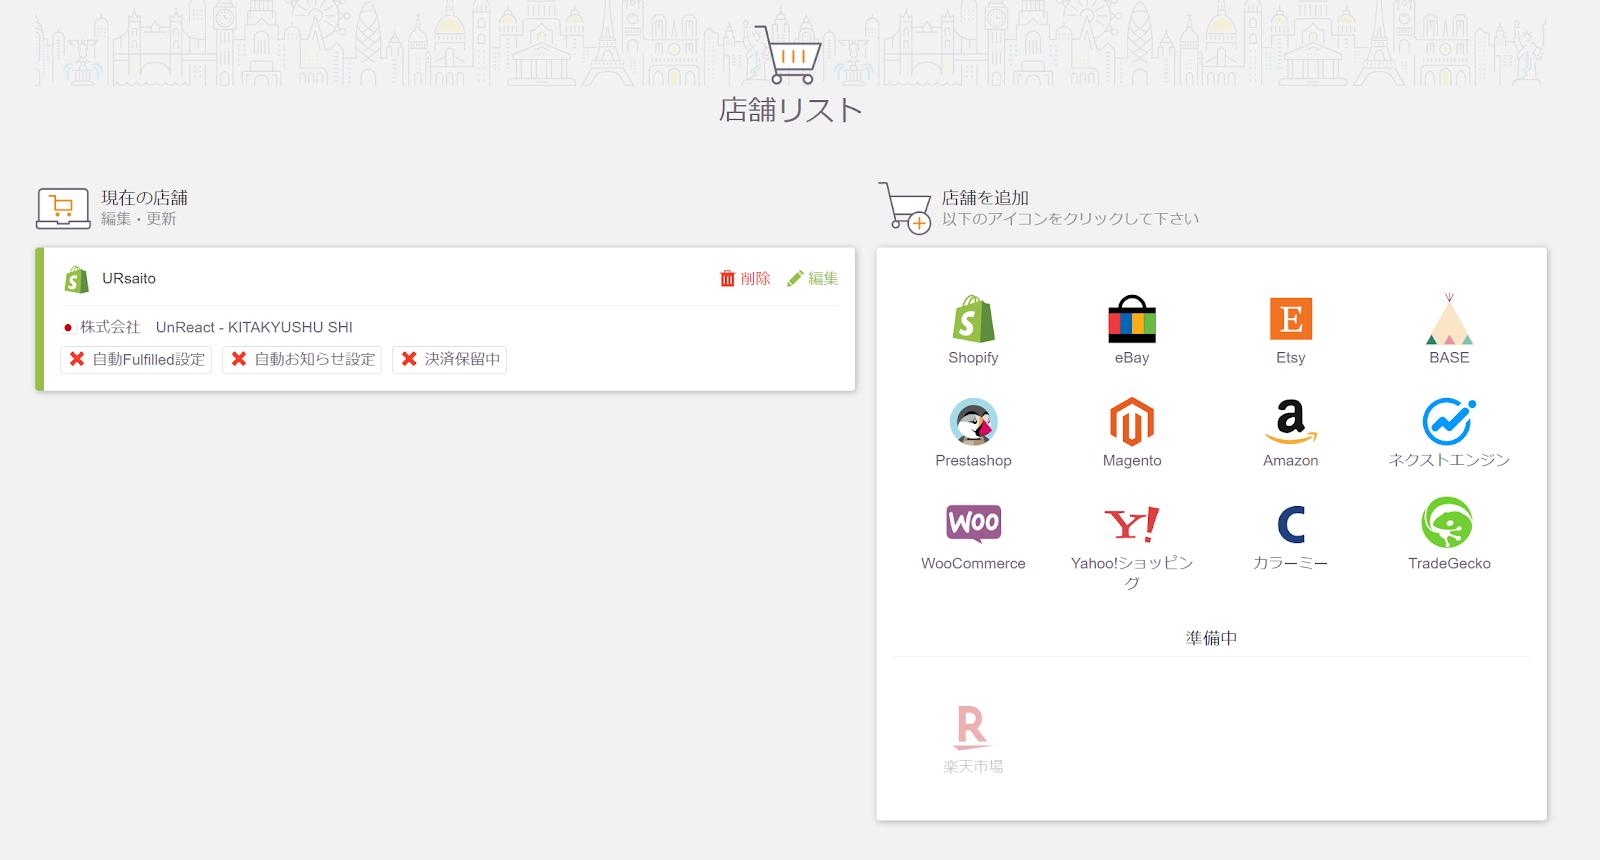 店舗リスト画面画像